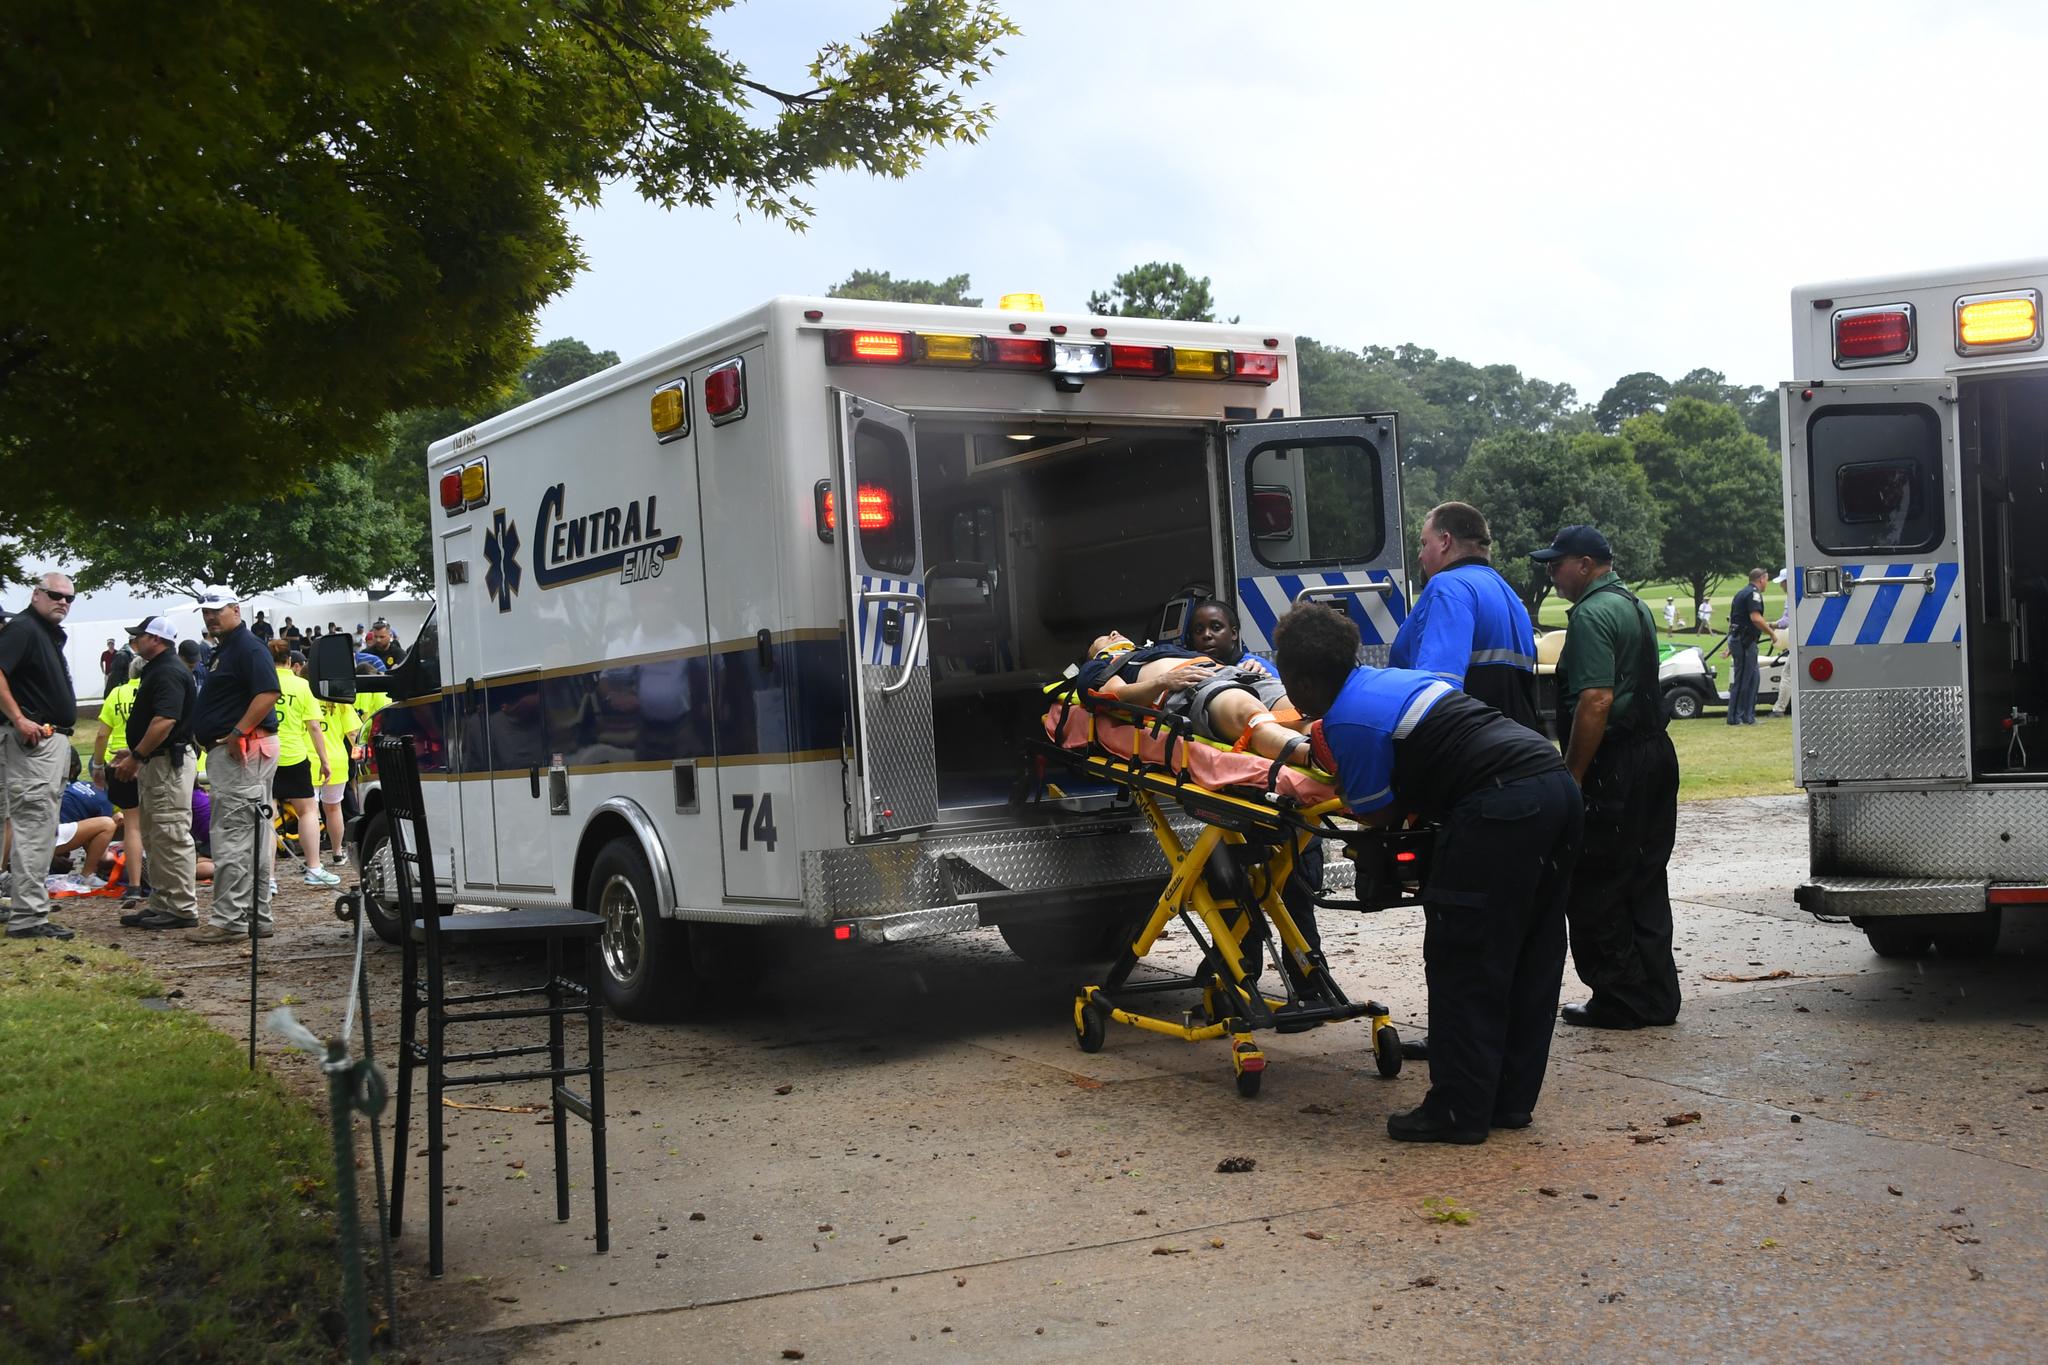 24일(현지시간) 오후 미국 조지아주 애틀랜타 이스트 레이크 골프클럽에서 쓰러진 갤러리가 구급차로 이송되고 있다.  [AP=연합뉴스]